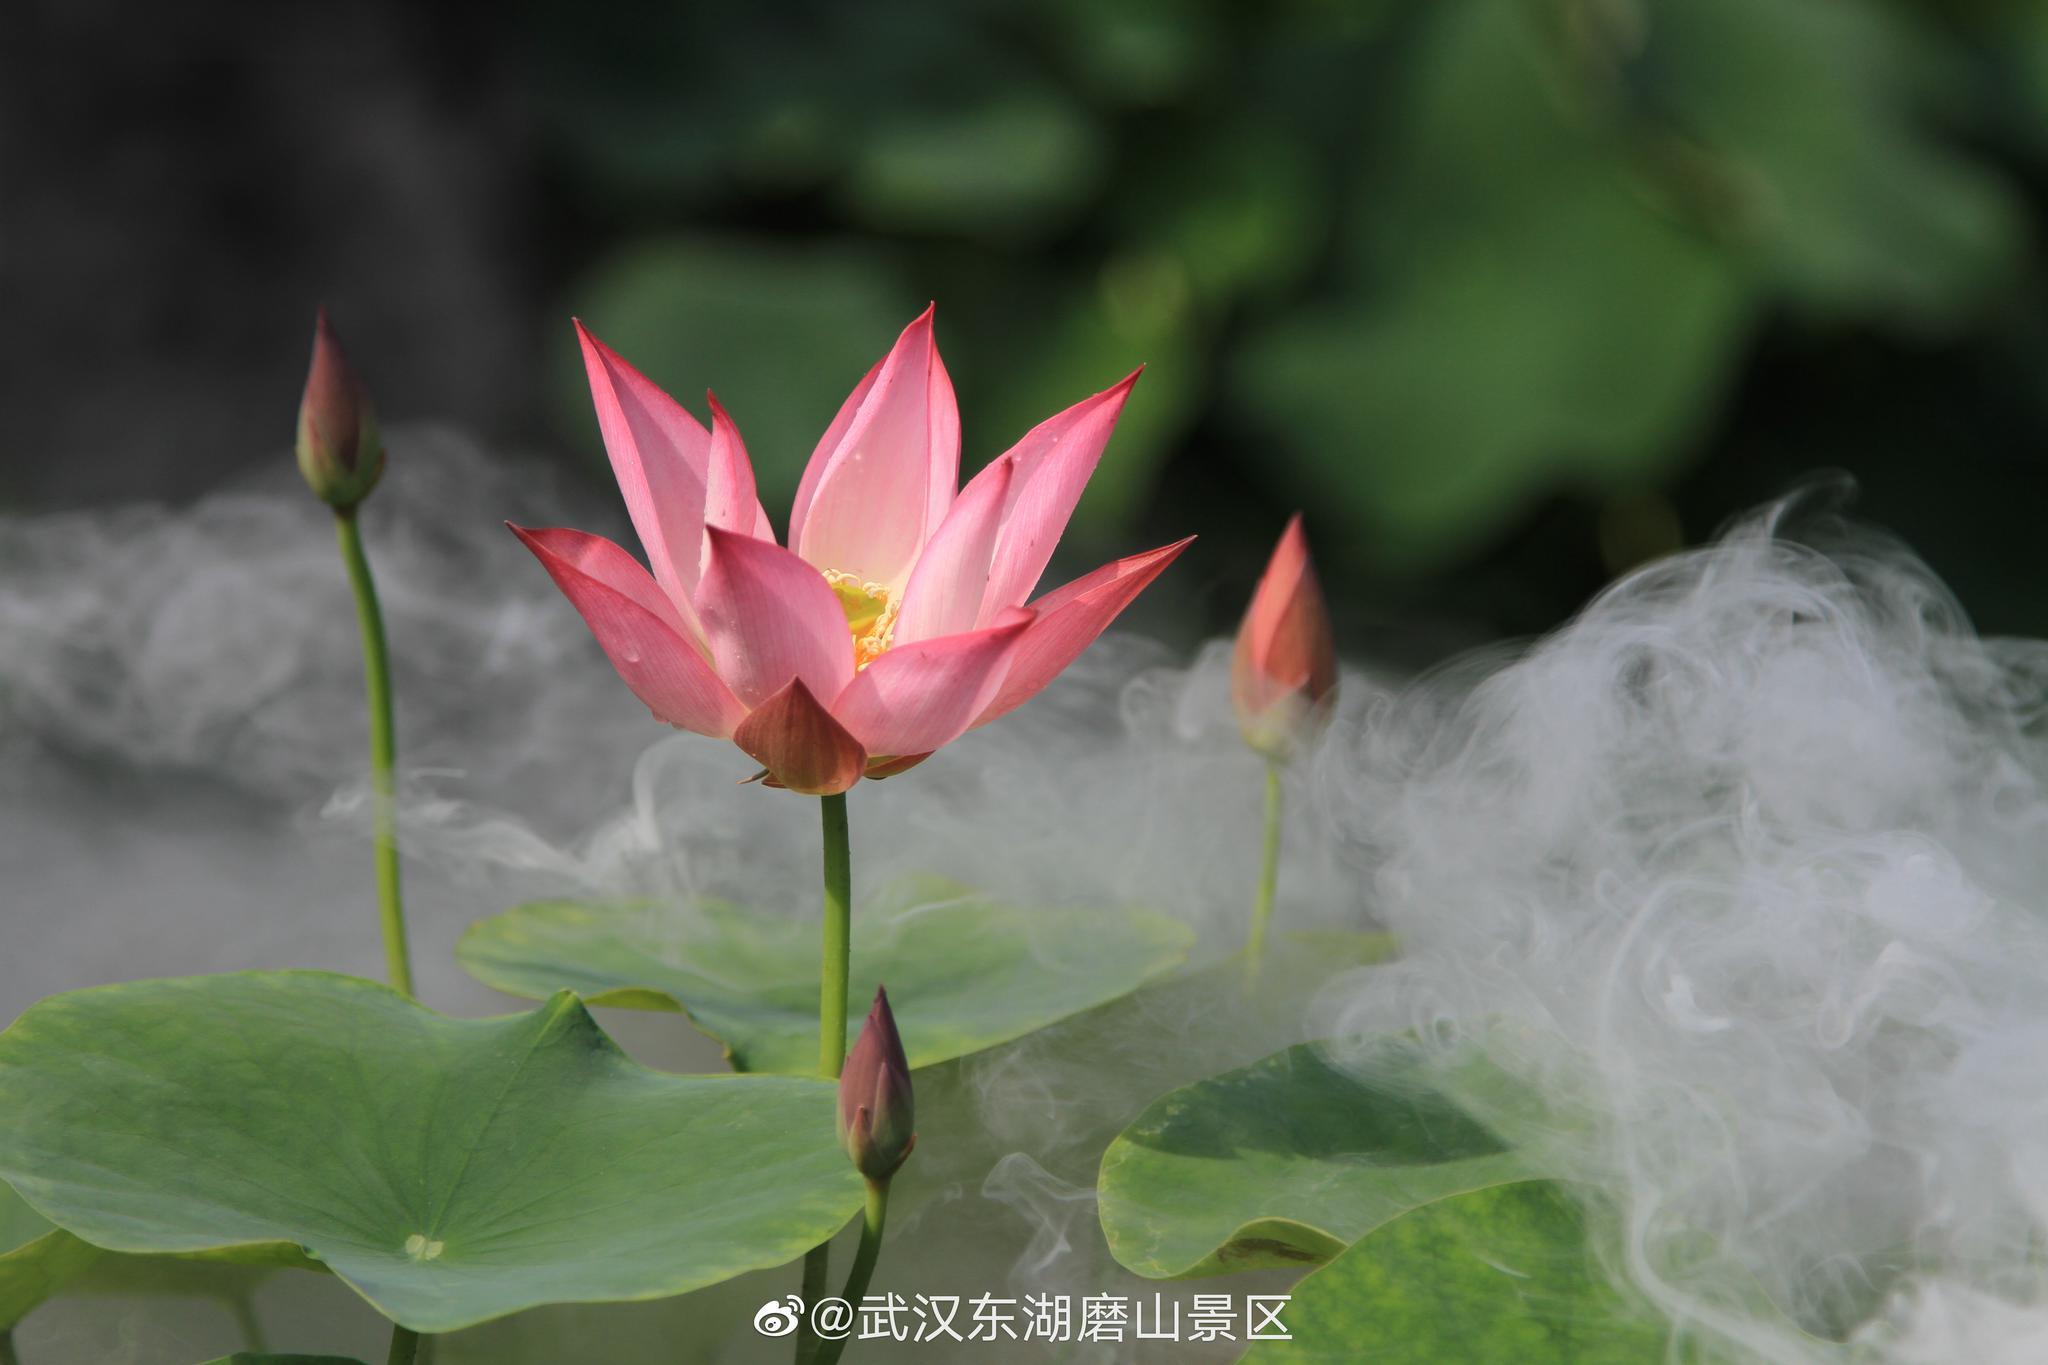 东湖磨山荷园的荷花开了~(图@武汉东湖磨山景区 )